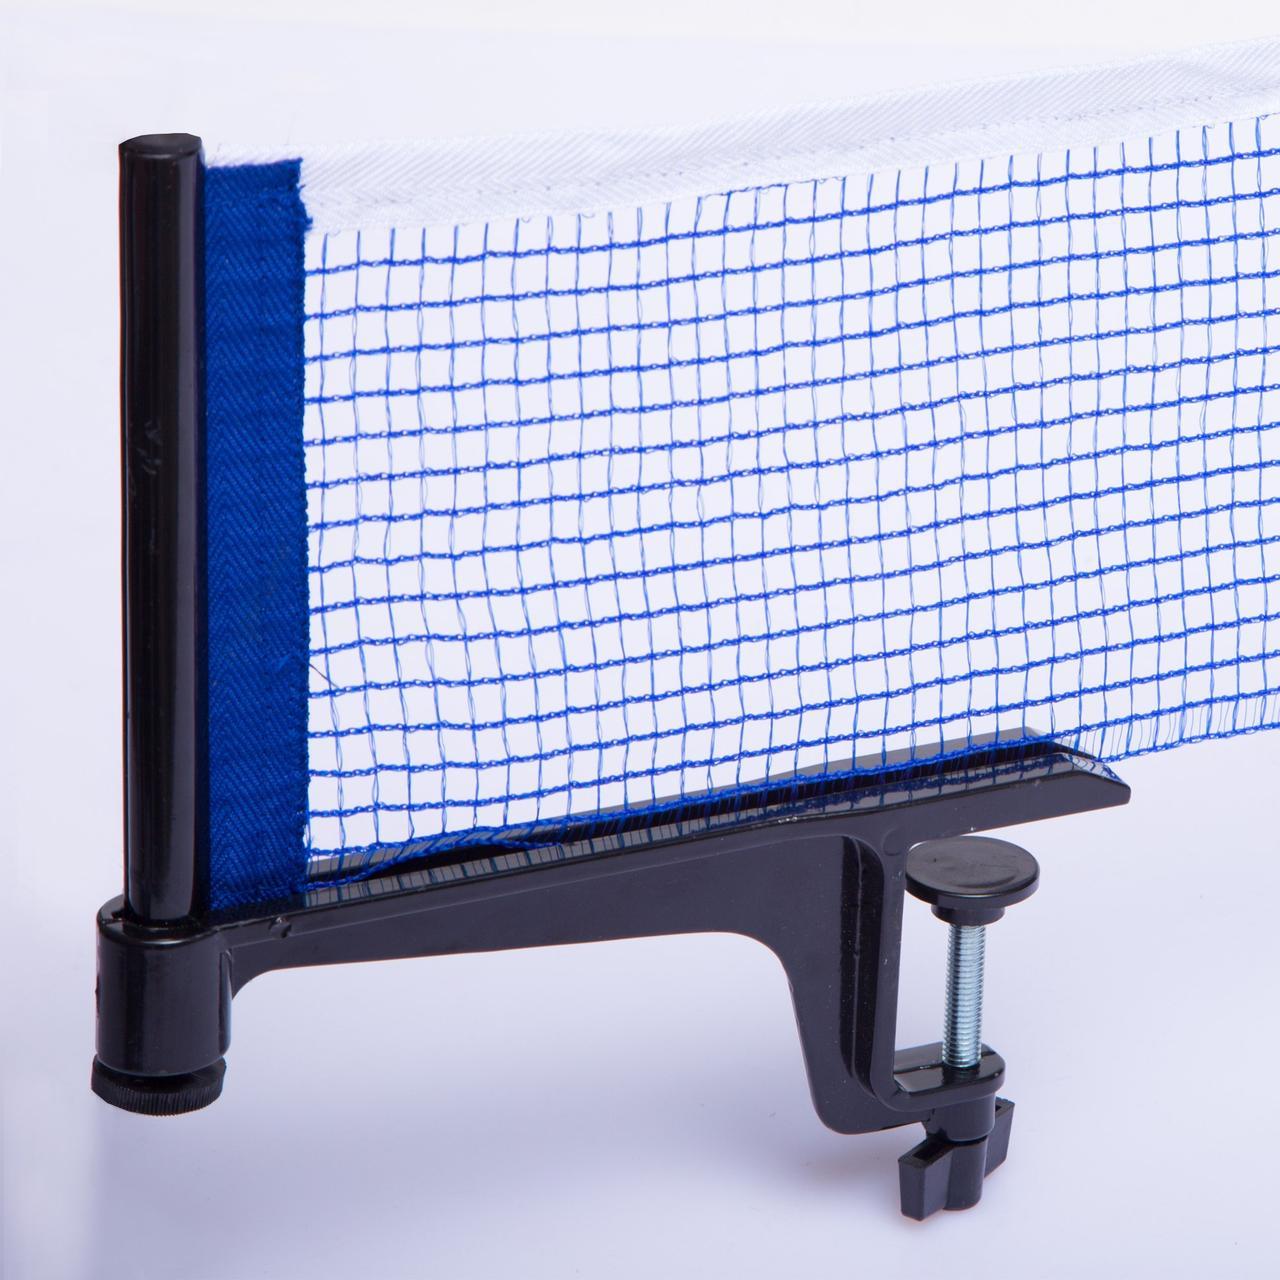 Сетка для настольного тенниса с винтовым креплением CIMA CM-T122